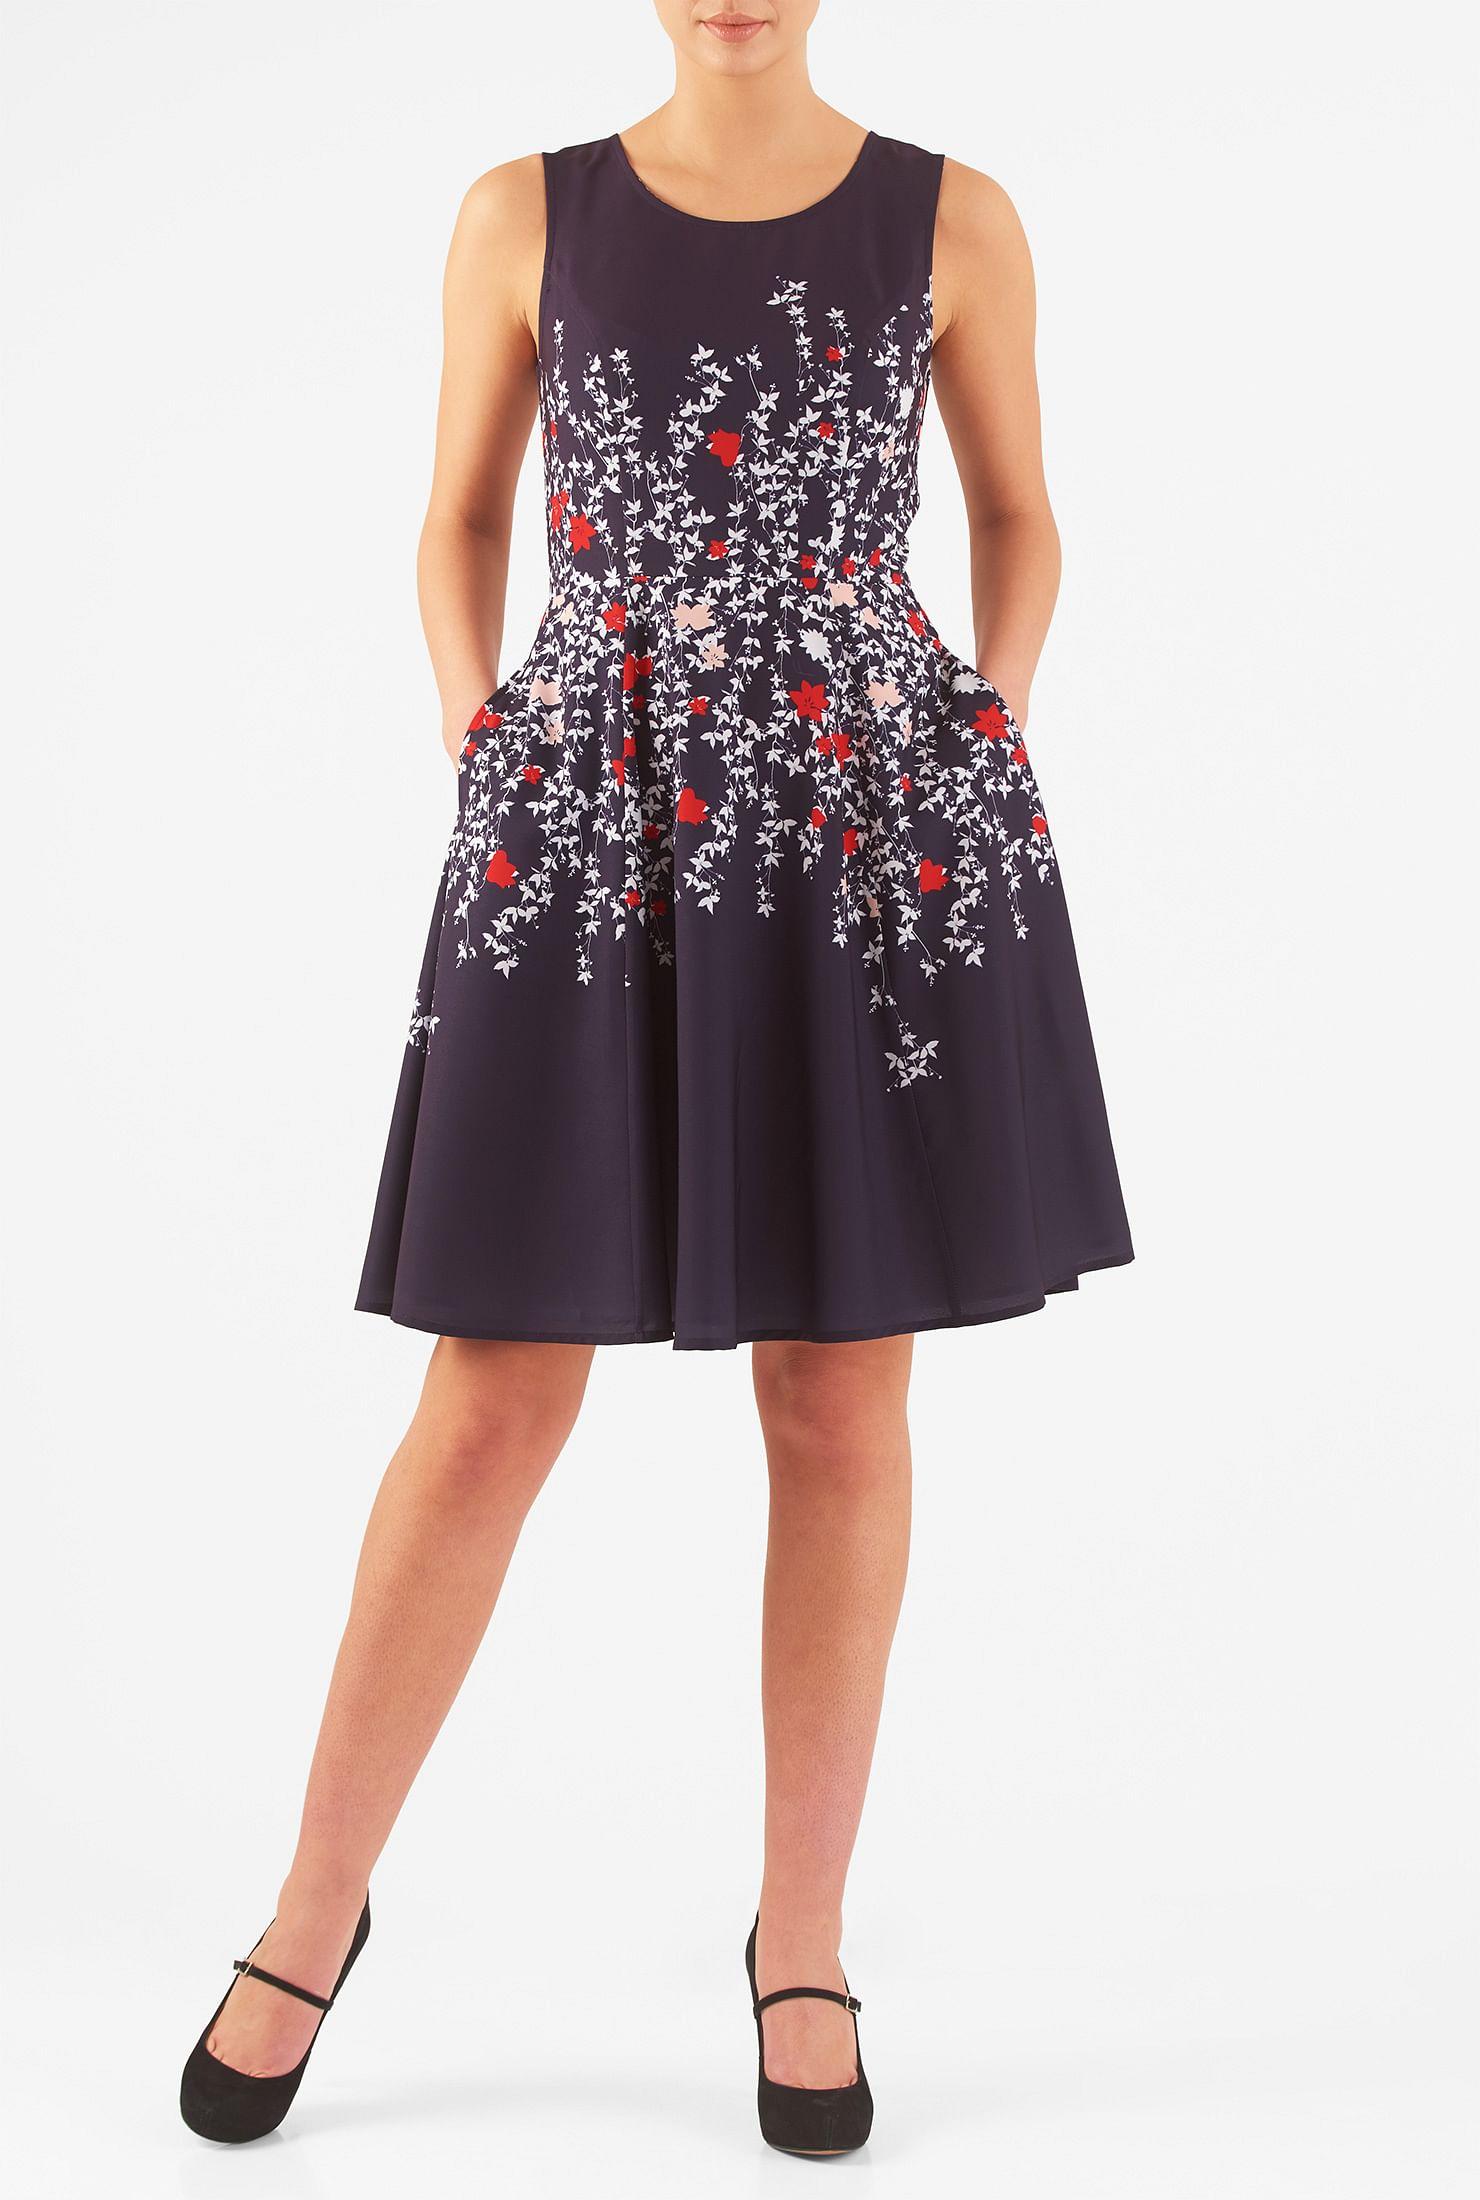 dc19387e13 Above knee length dresses, back zip dresses, Deep Navy Dresses, flared skirt